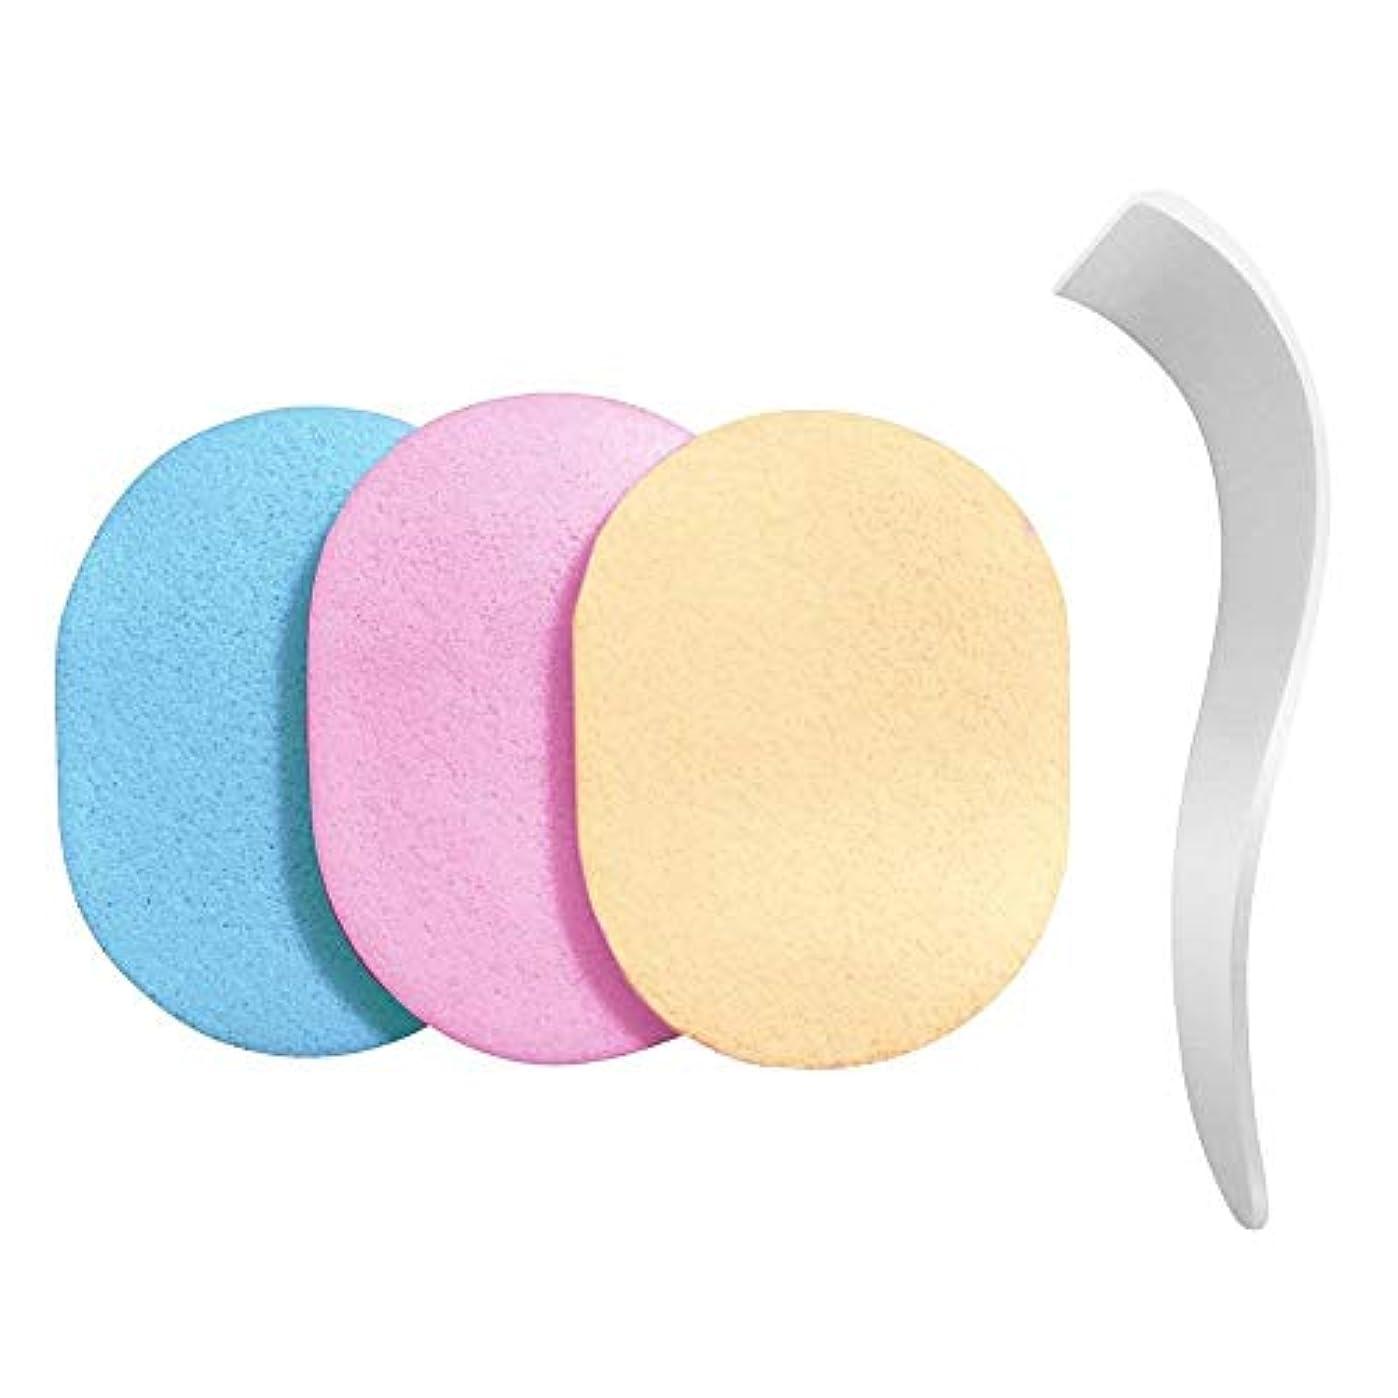 モネ文字通り侵入する専用ヘラ スポンジ 洗って使える 3色セット 除毛クリーム専用 メンズ レディース【除毛用】